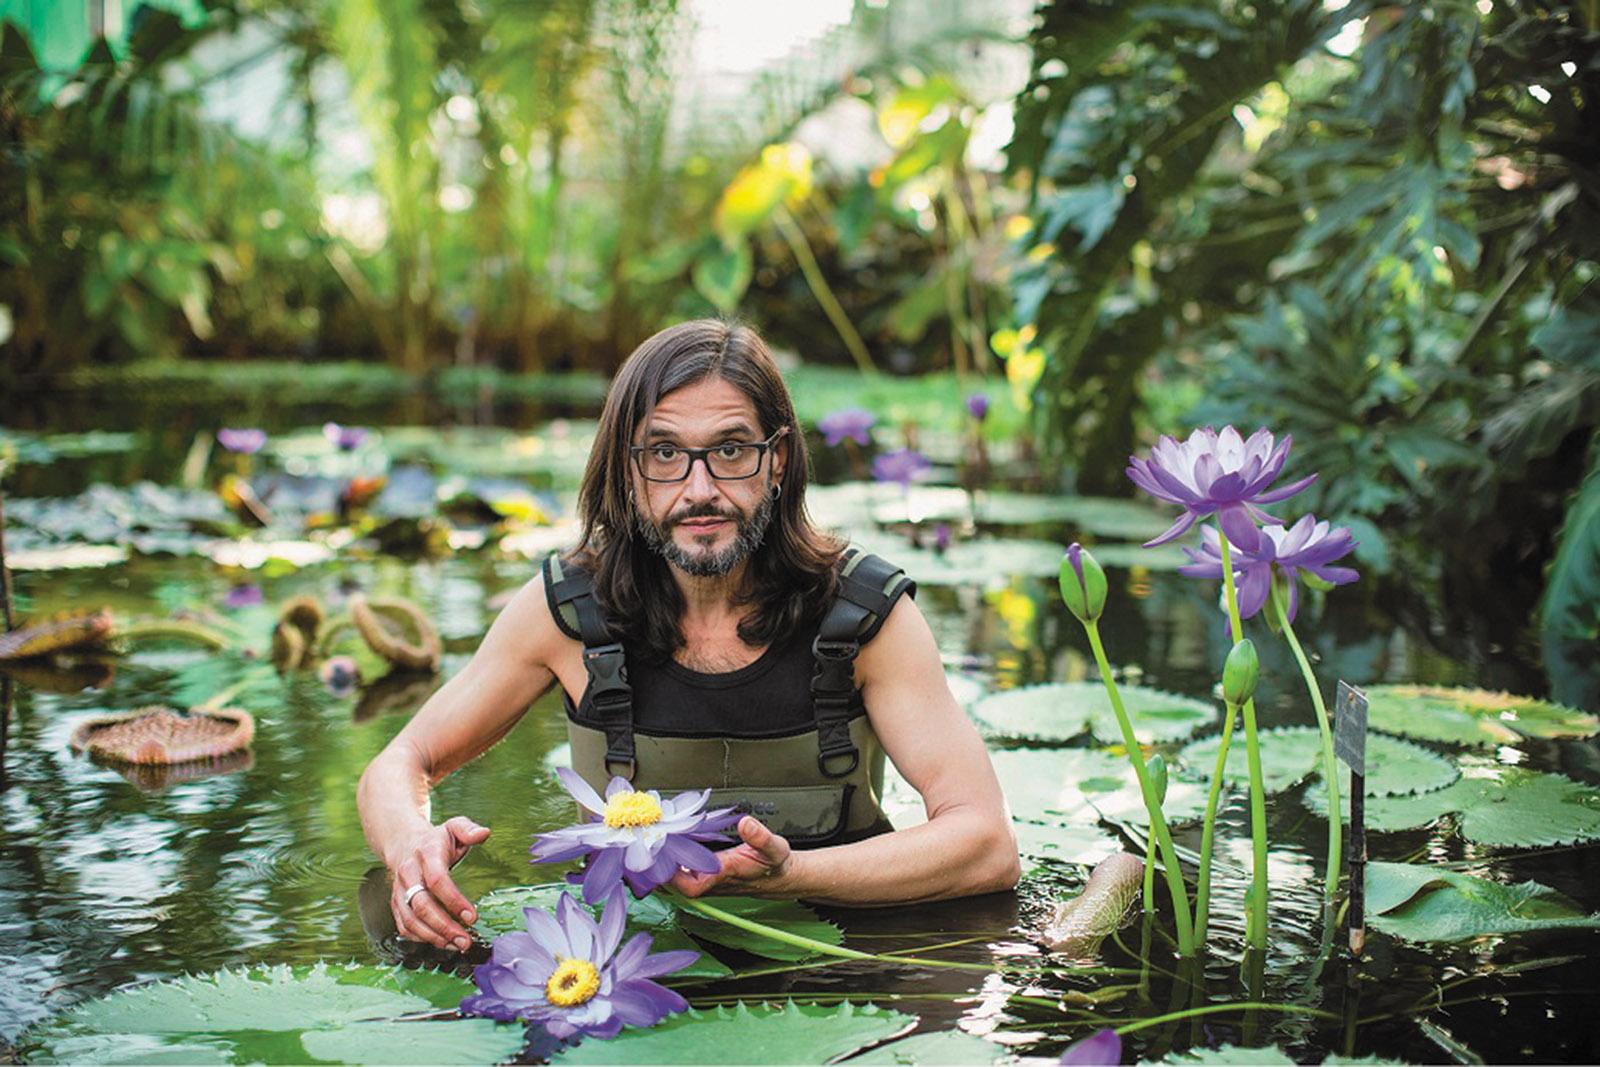 Carlos Magdalena at the Royal Botanic Gardens, Kew, 2014